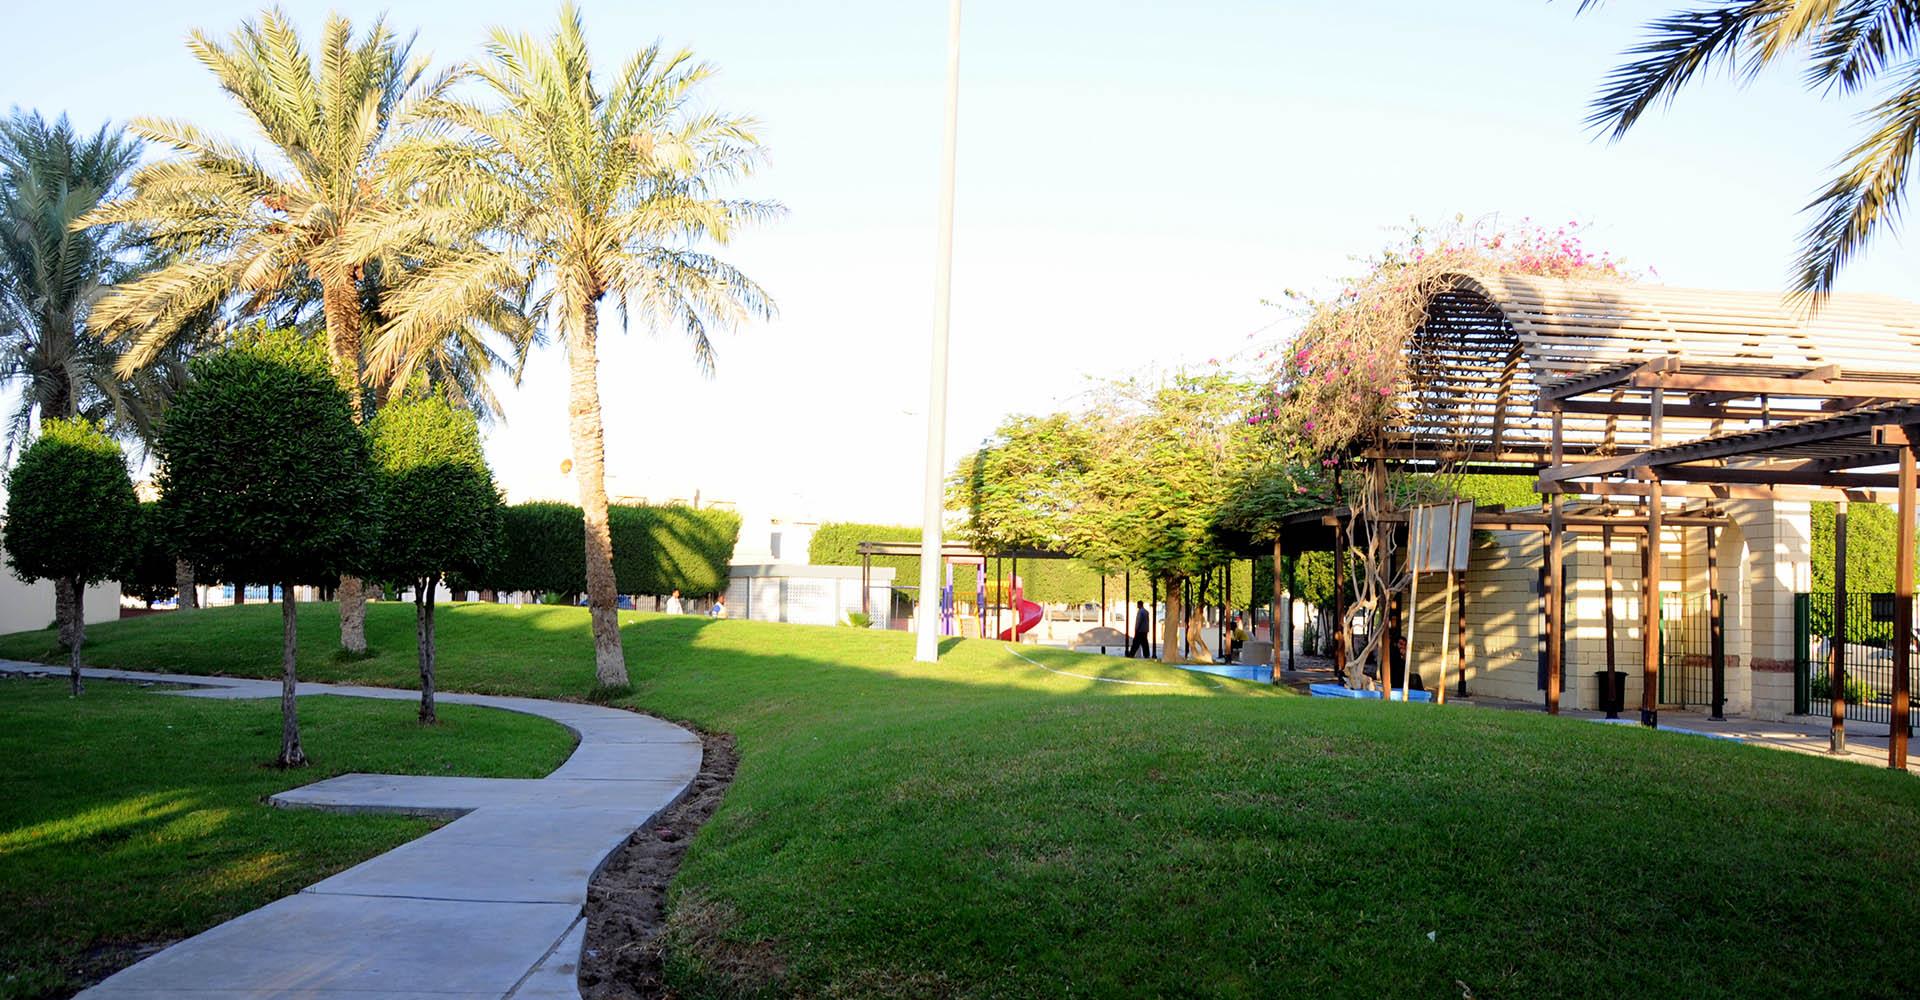 ِAl-Hufoof Park